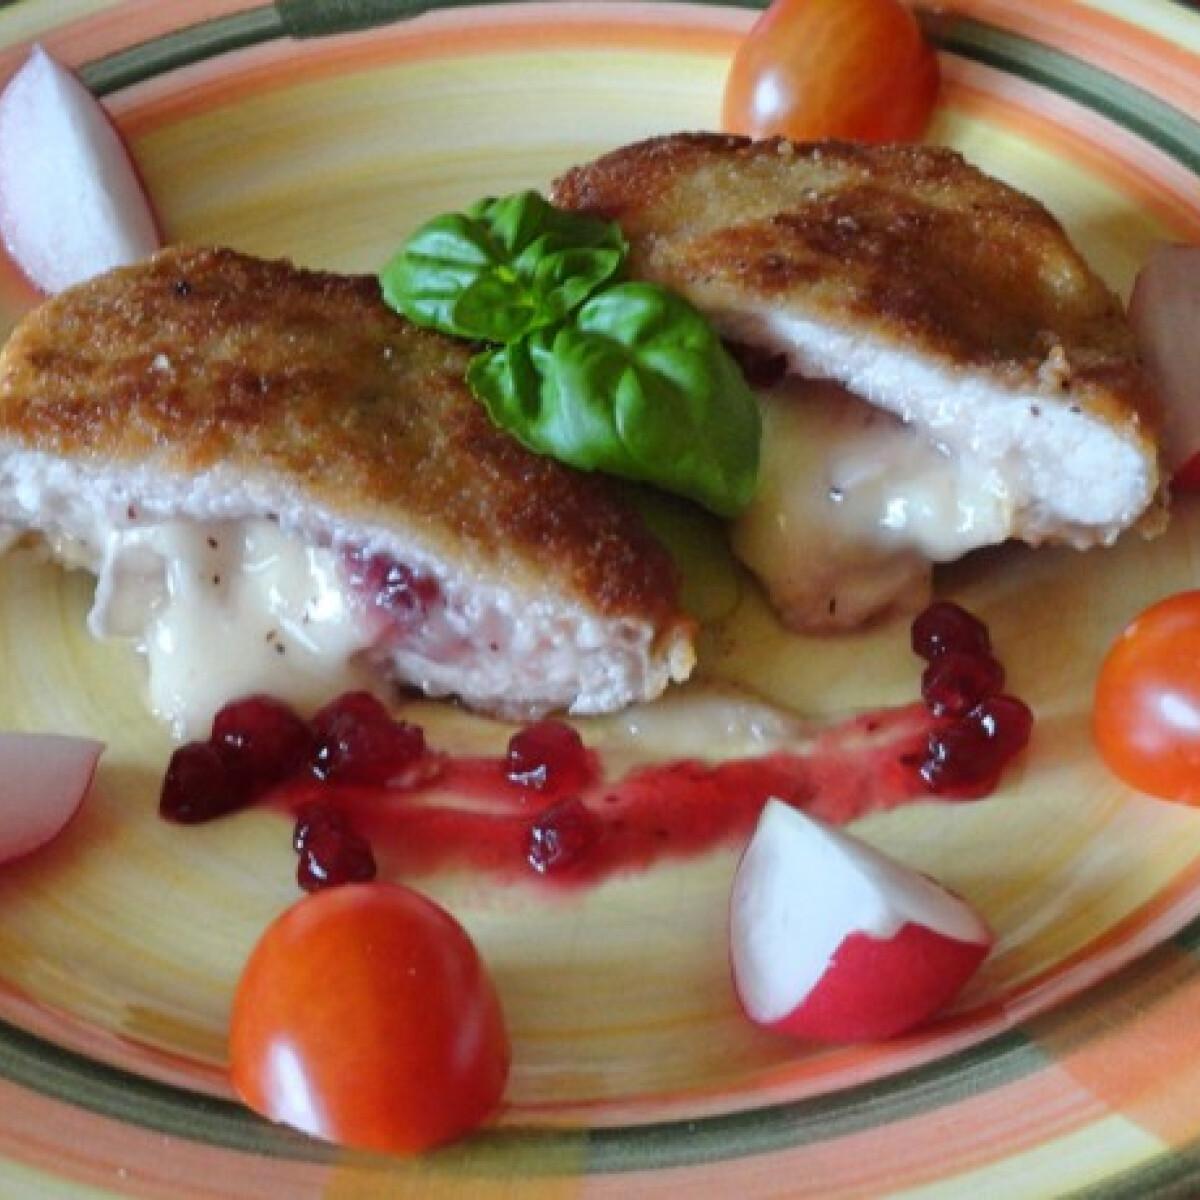 Ezen a képen: Camembert-rel és áfonyával töltött sertésszelet